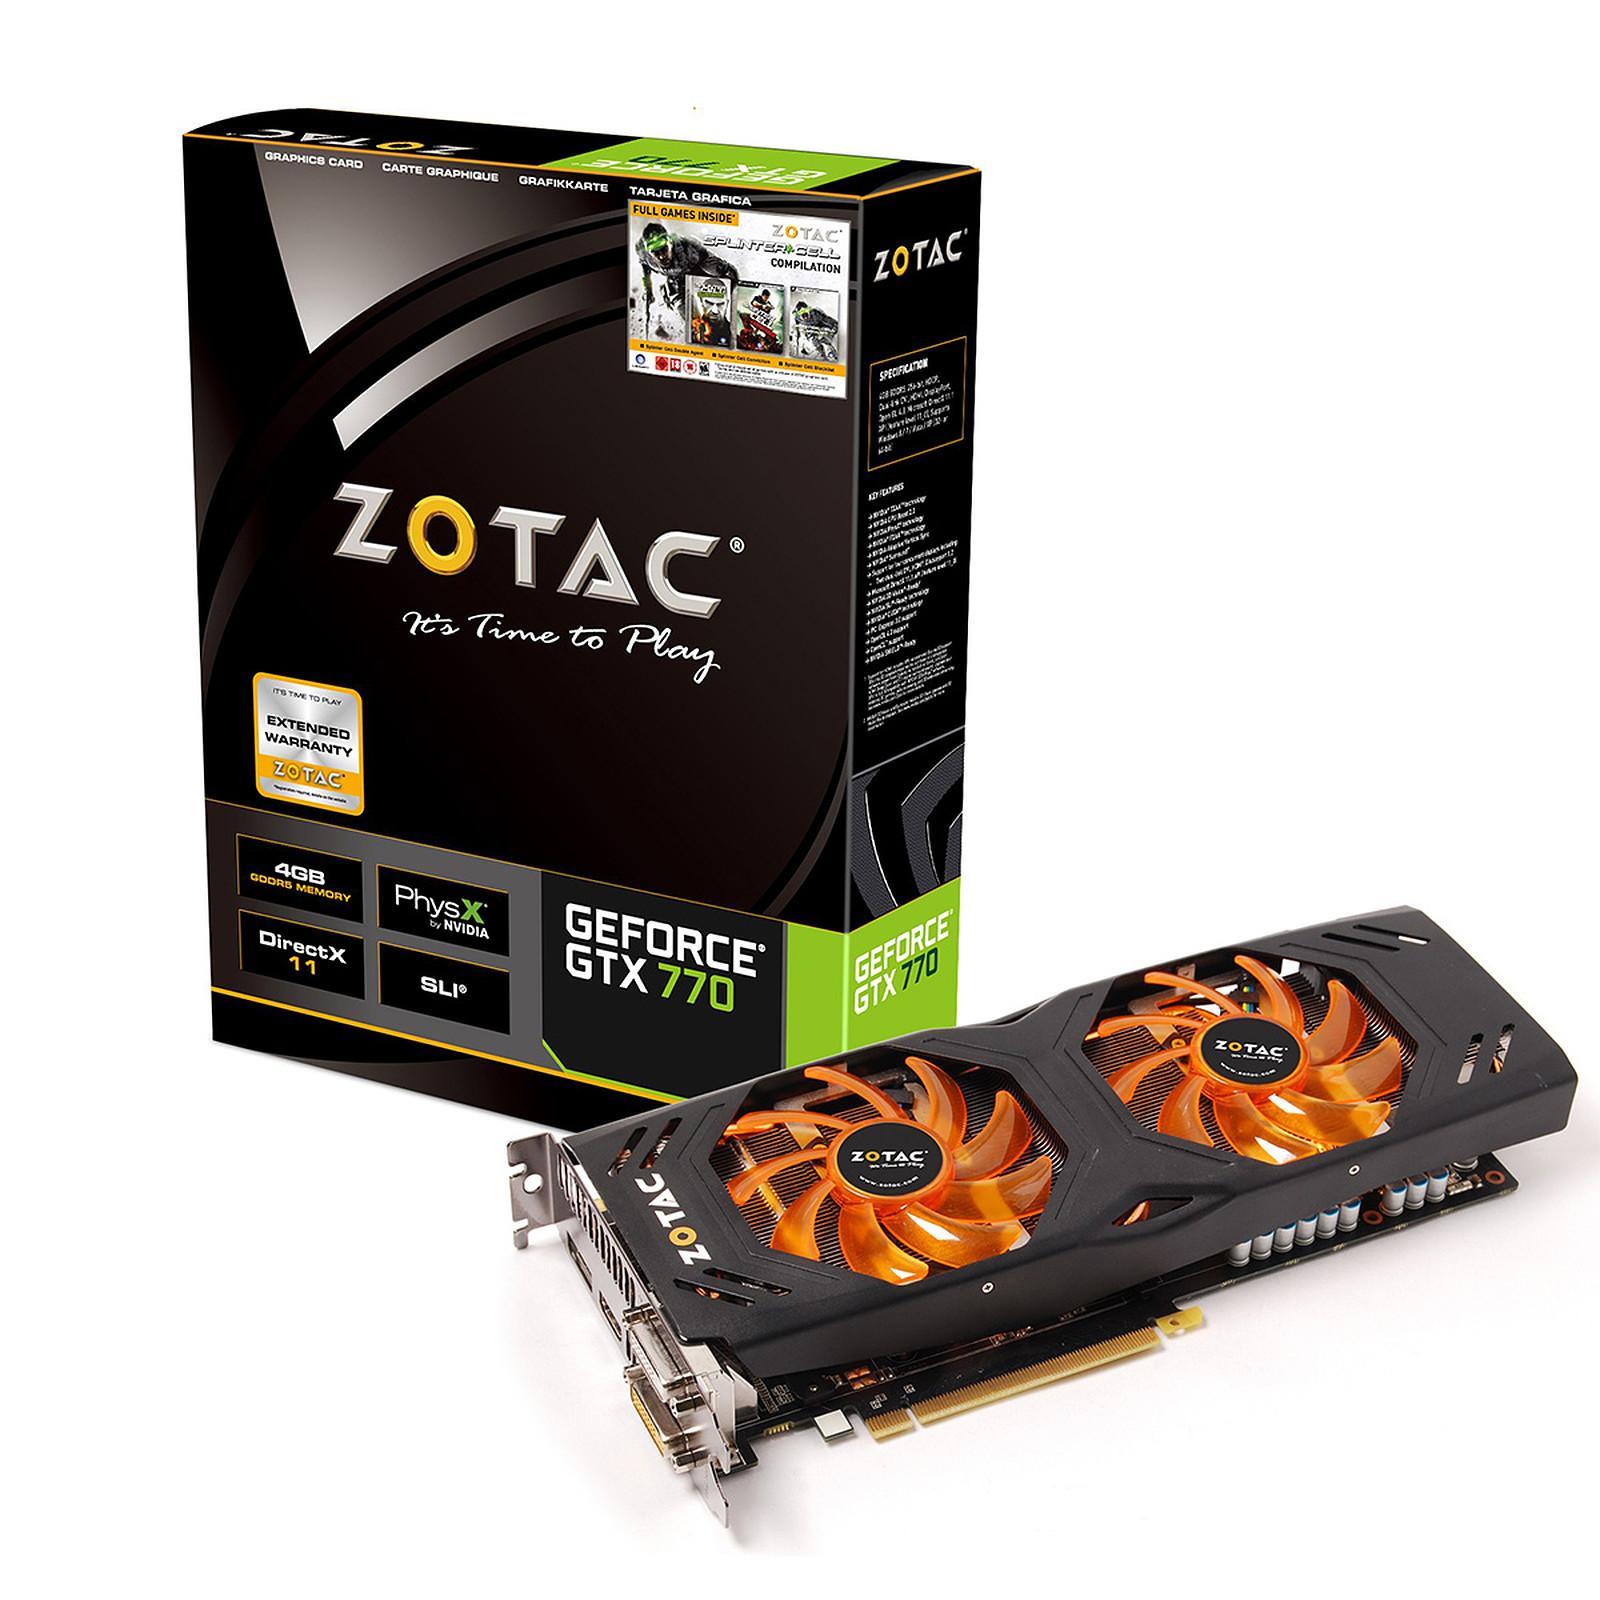 Zotac GeForce GTX 770 4 GB OC Dual-Silencer